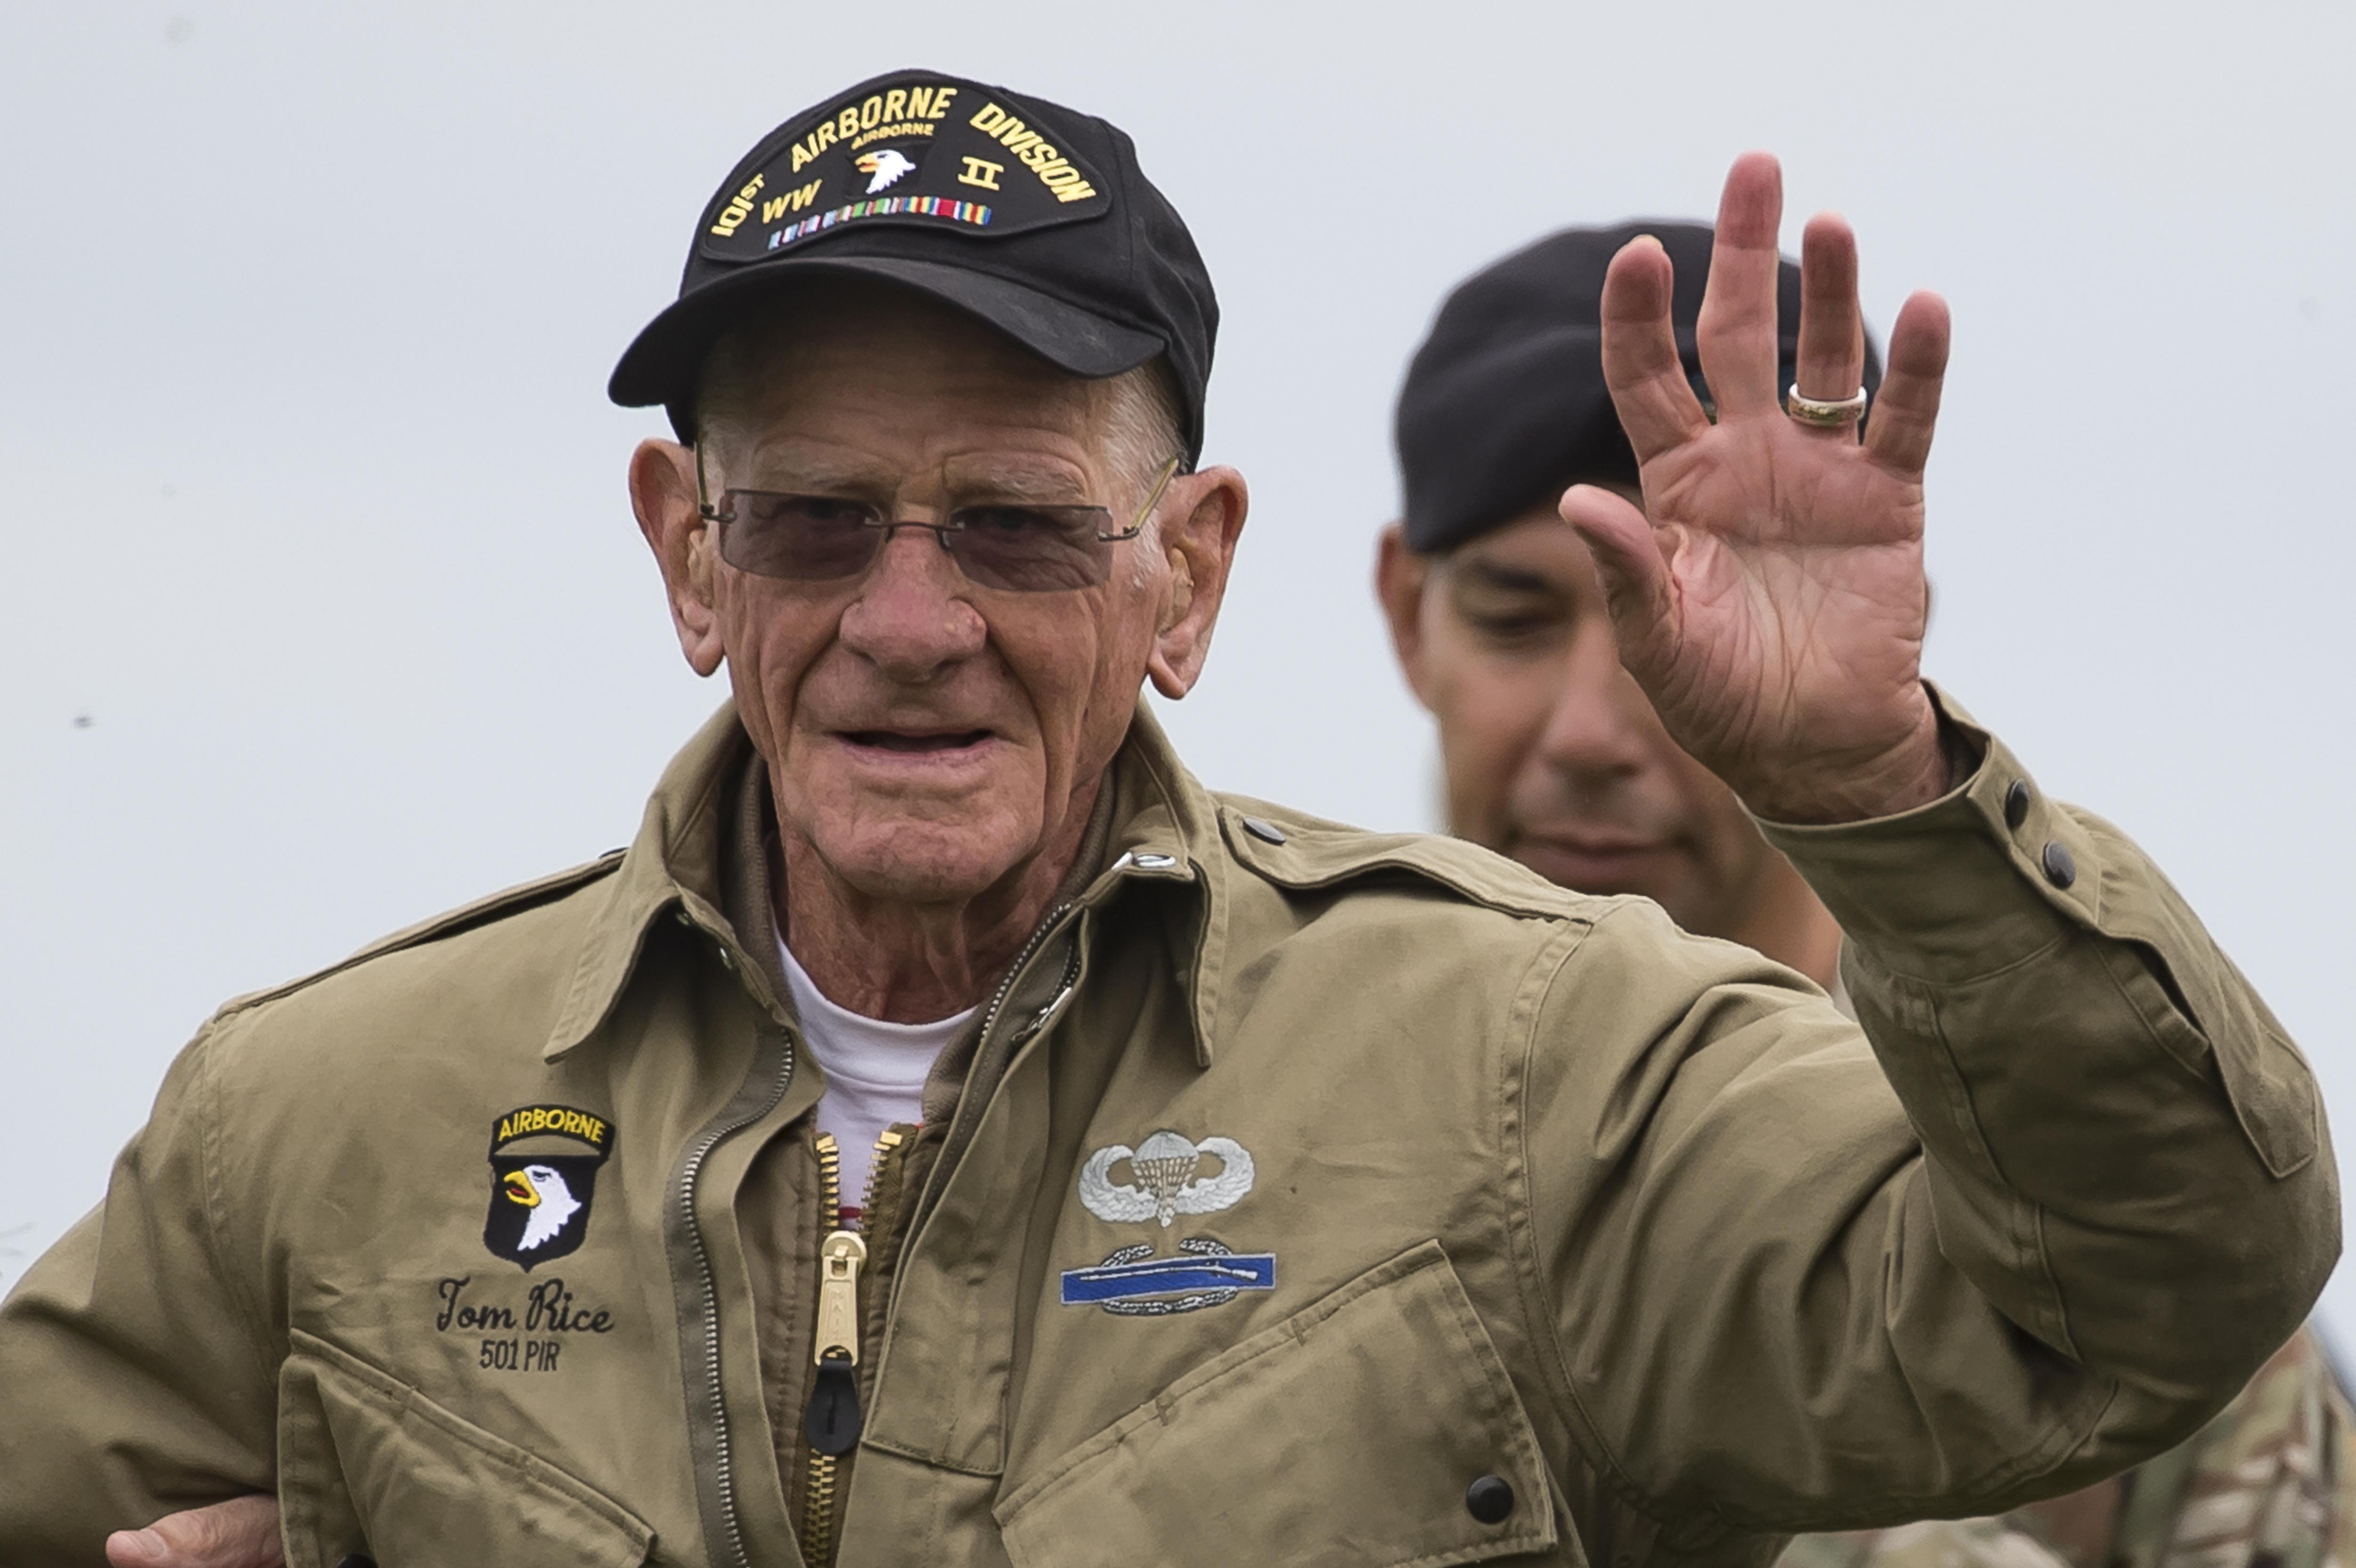 amerikanos-97chronos-veteranos-epese-me-alexiptoto-sti-normandia-gia-na-timisei-tin-d-day-vinteo0